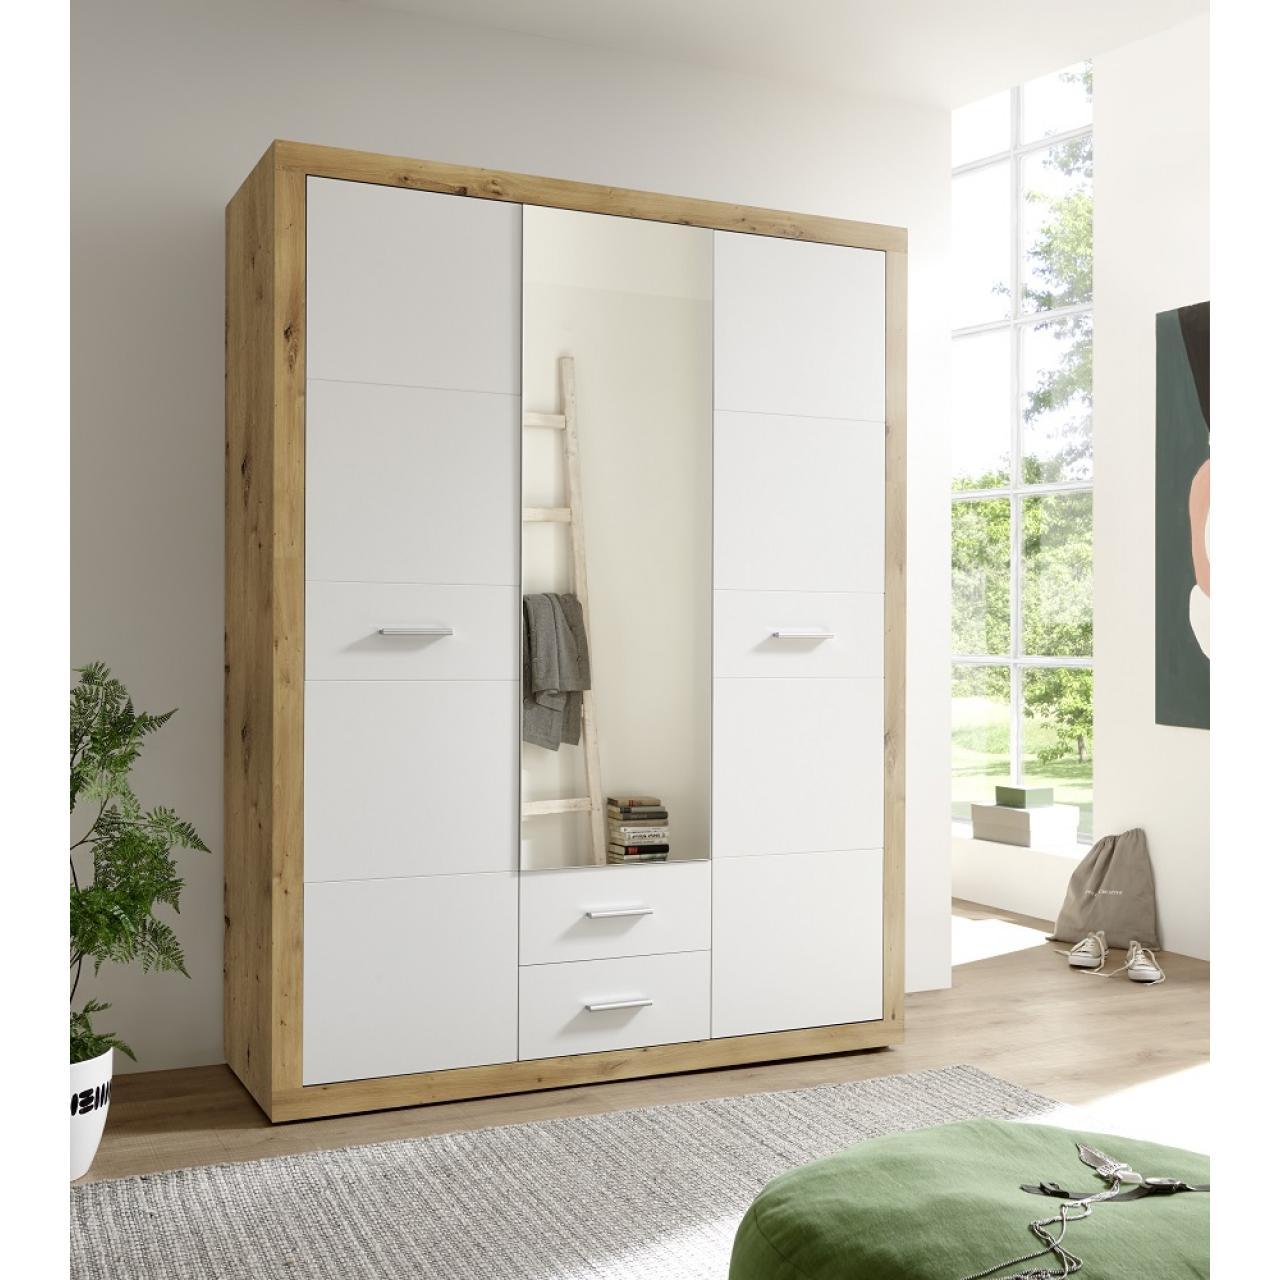 Kleiderschrank Stone Schrank Schlafzimmerschrank 3 Türen mit Spiegel 2 Schubkasten Artisan Eiche / W